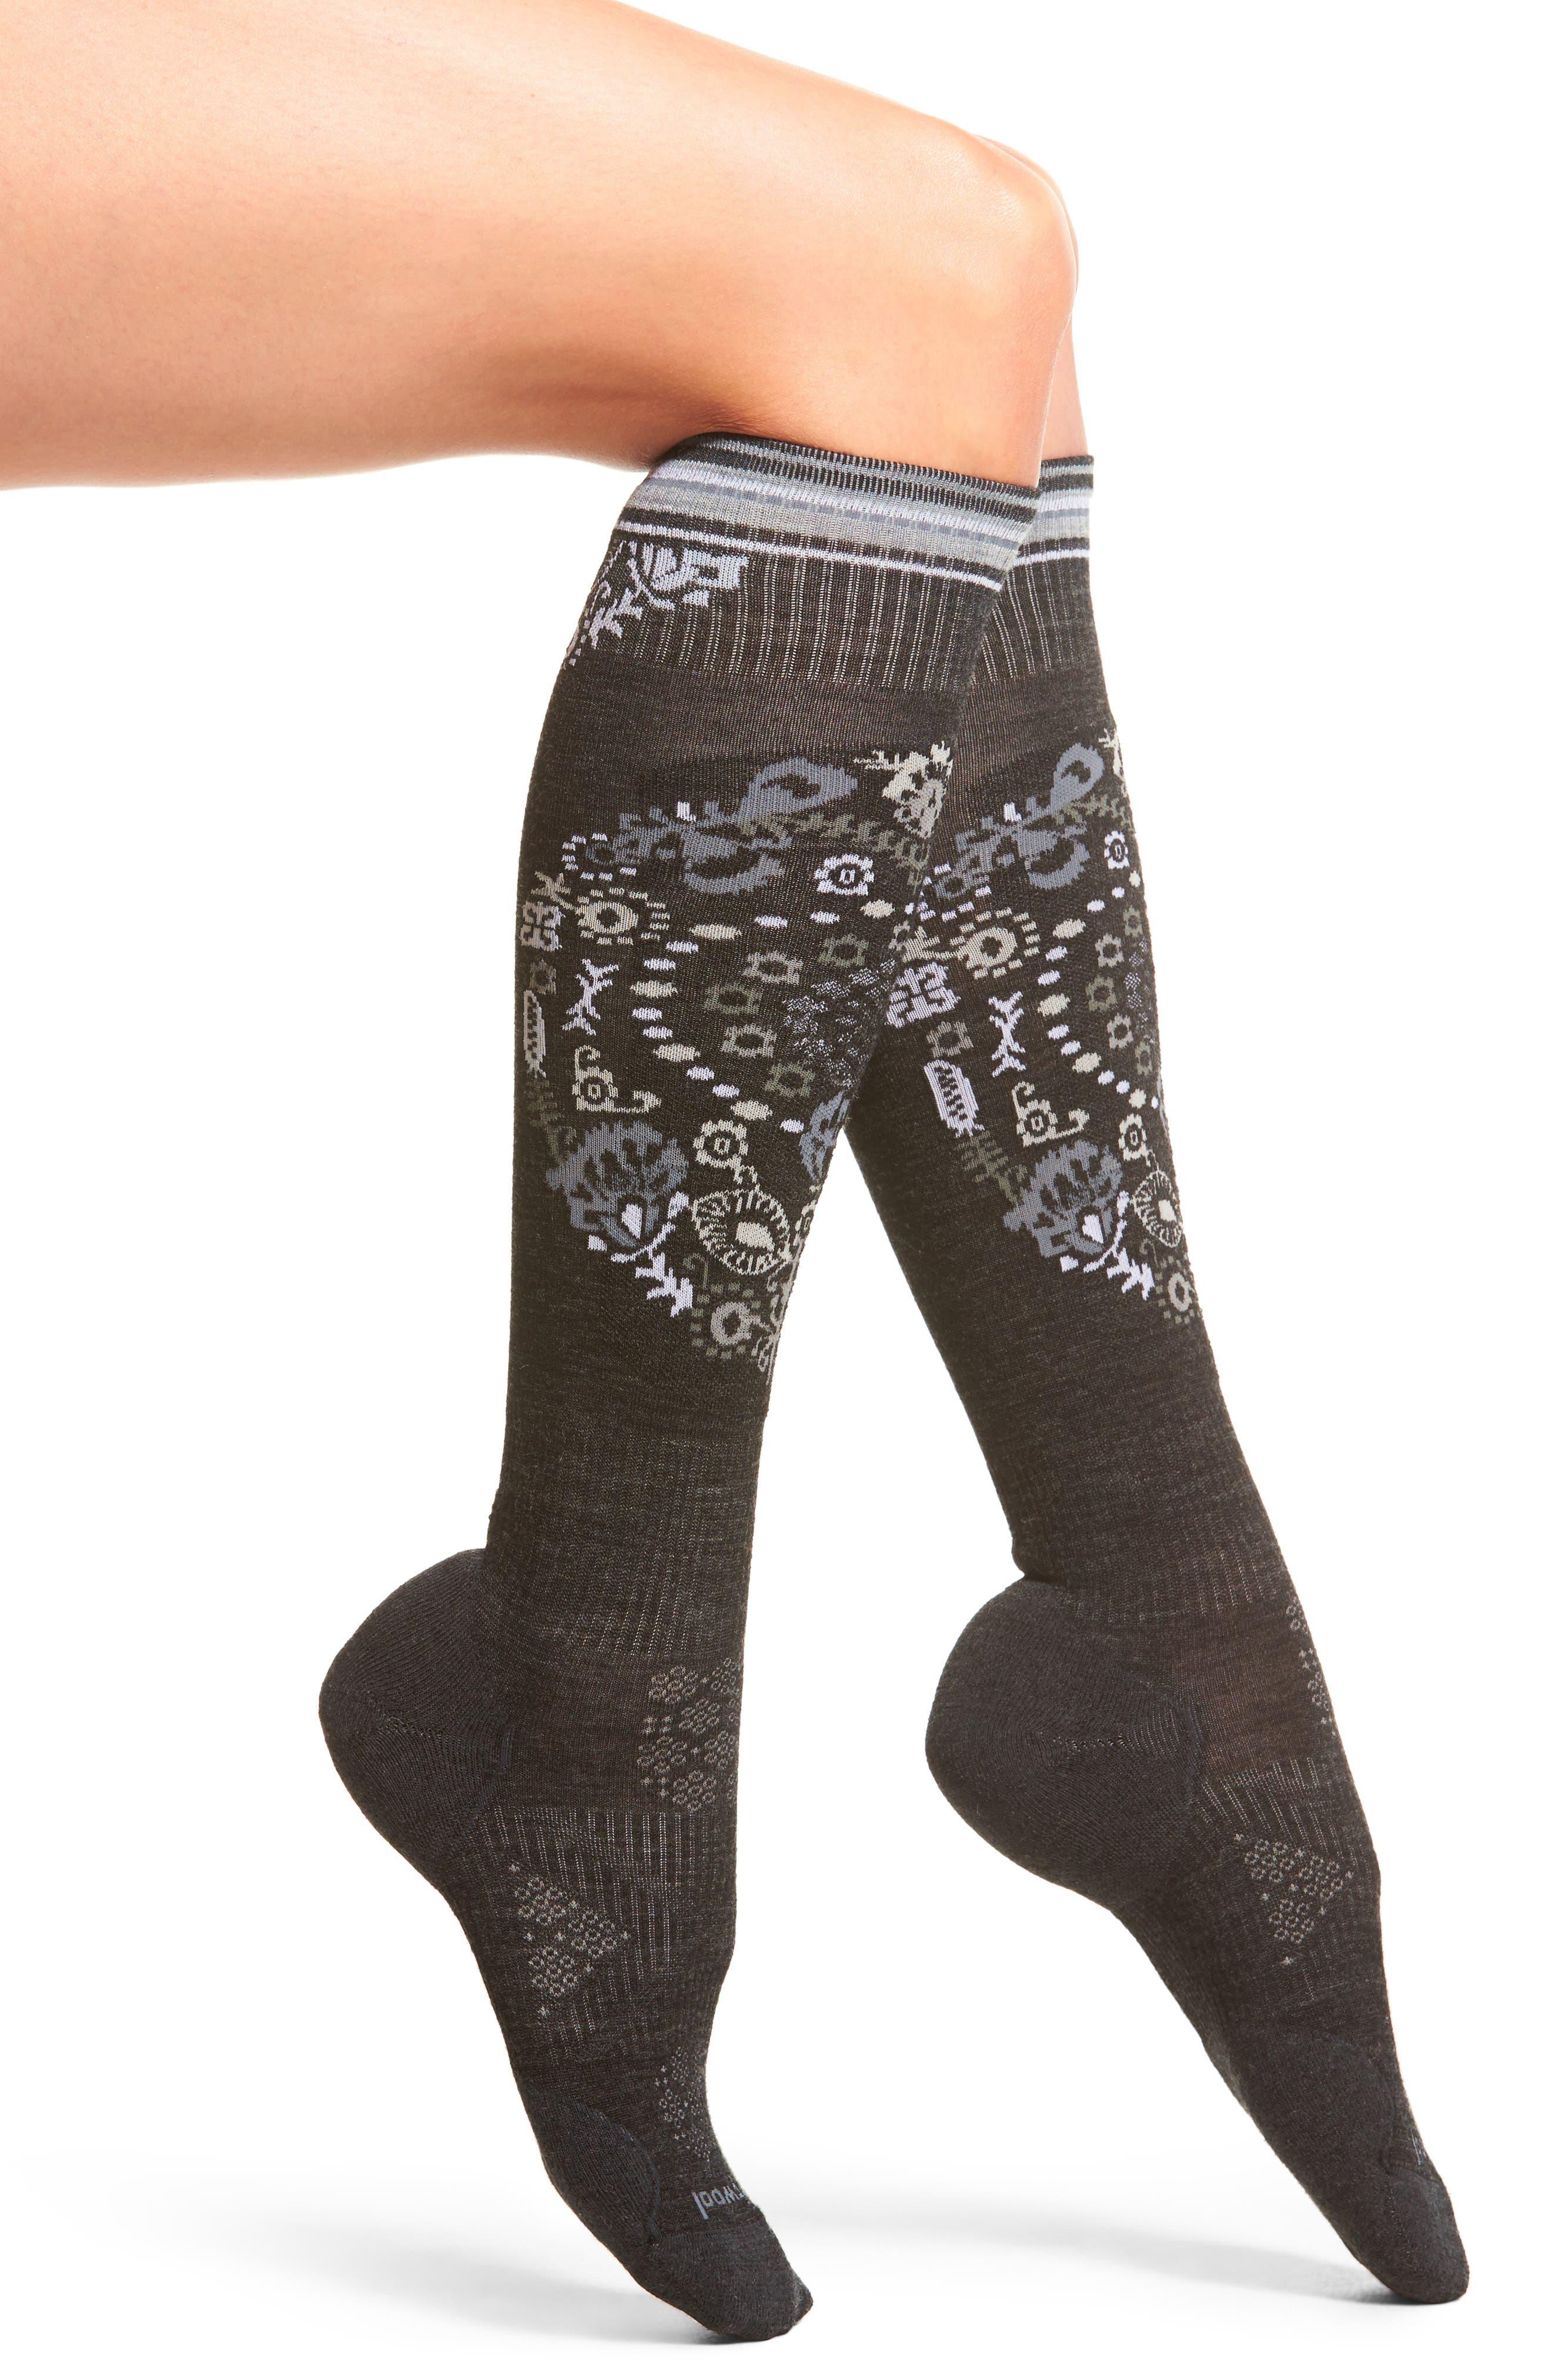 PhD<sup>®</sup> Ski Light Elite Paisley Socks,                         Main,                         color, 020